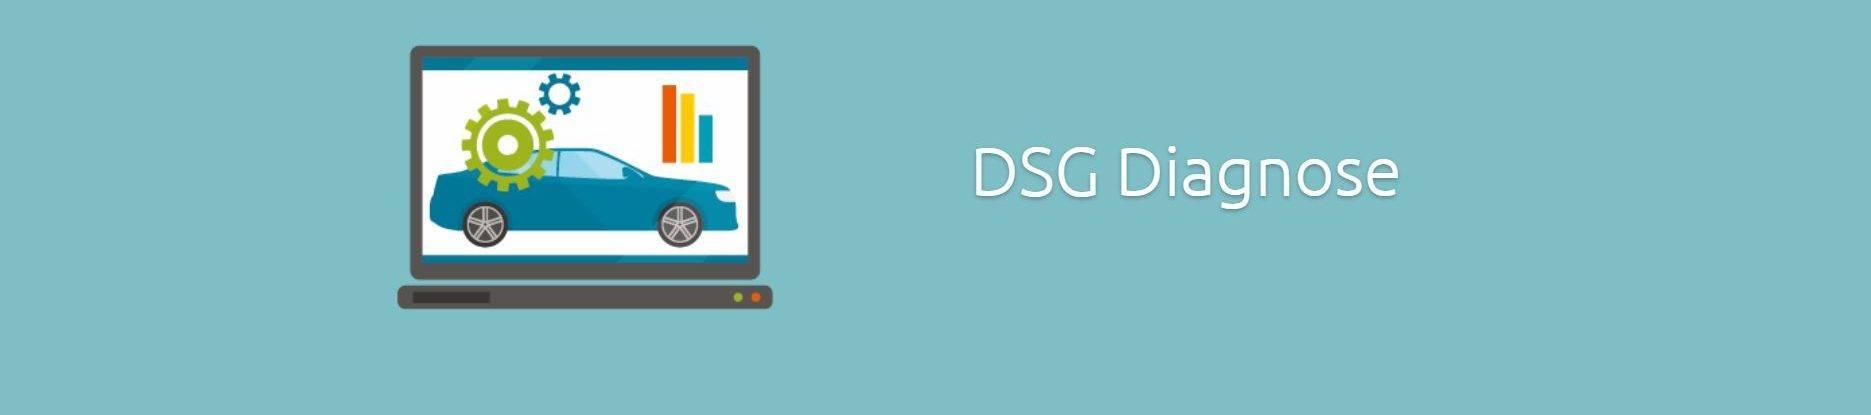 DSG diagnose DQ200 DQ250 DQ500 · DSG Service Dealer